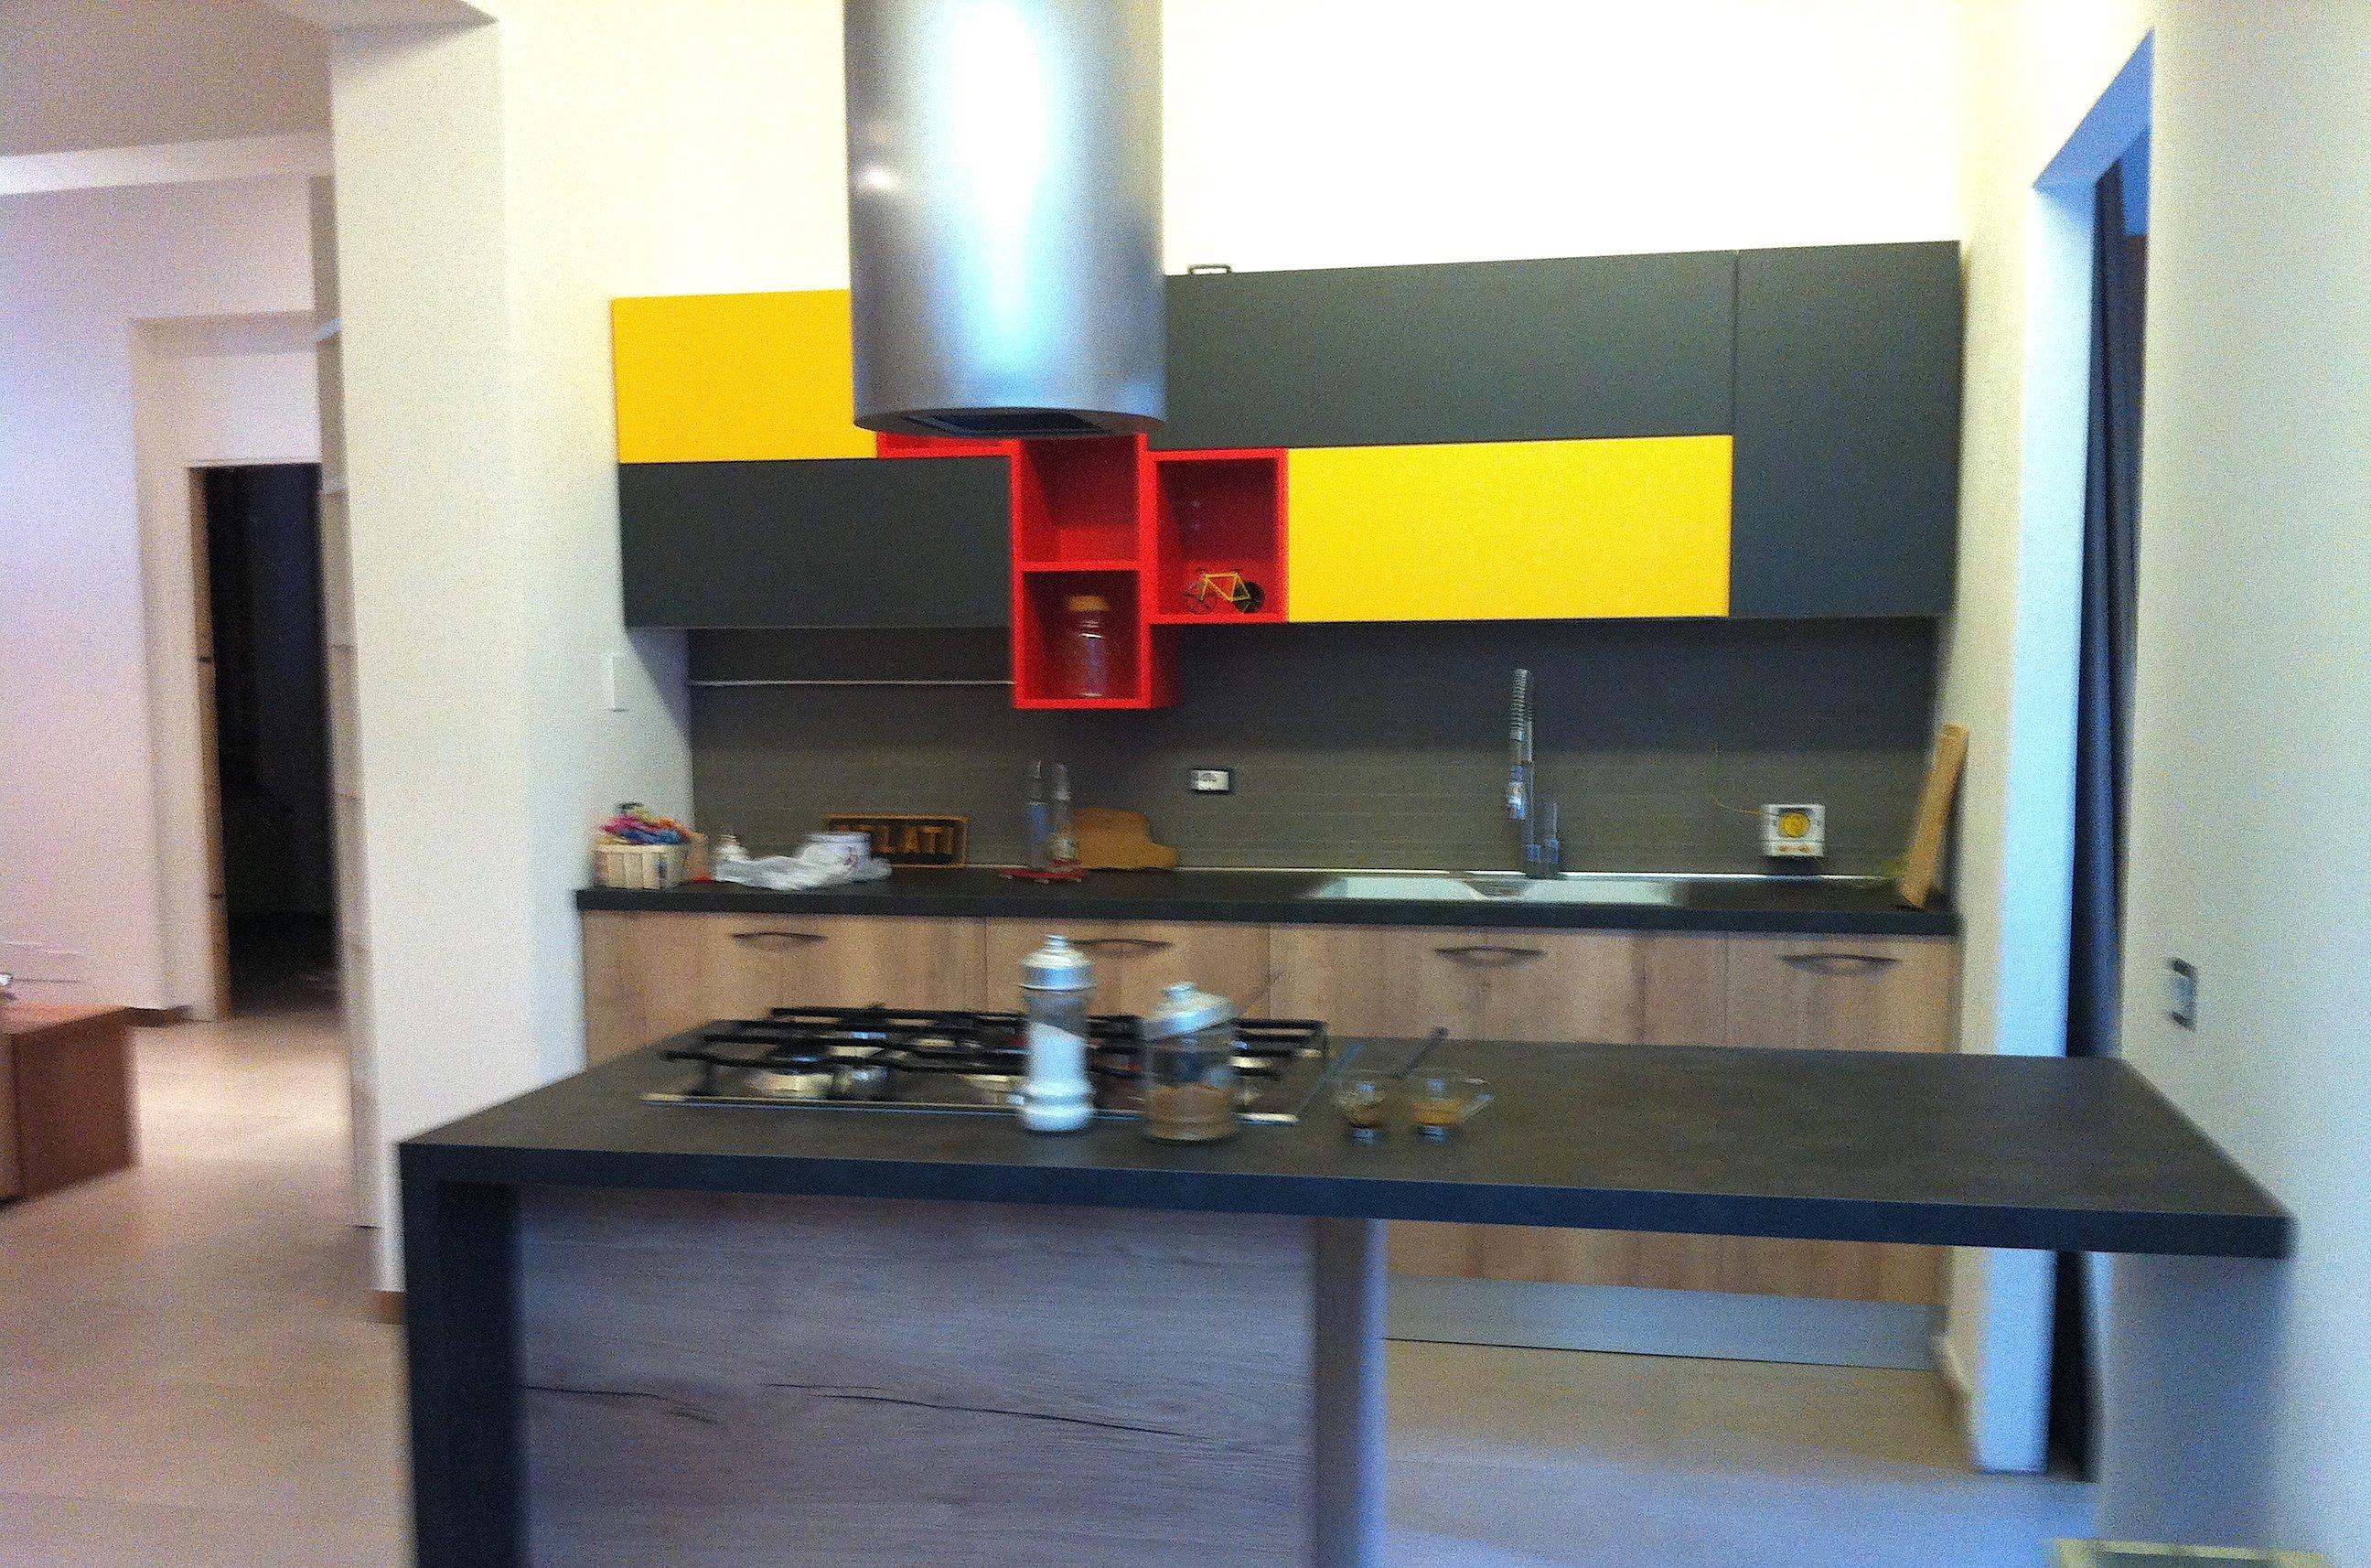 Come arredare un appartamento moderno arredamento casa e - Cucina arredamento moderno ...